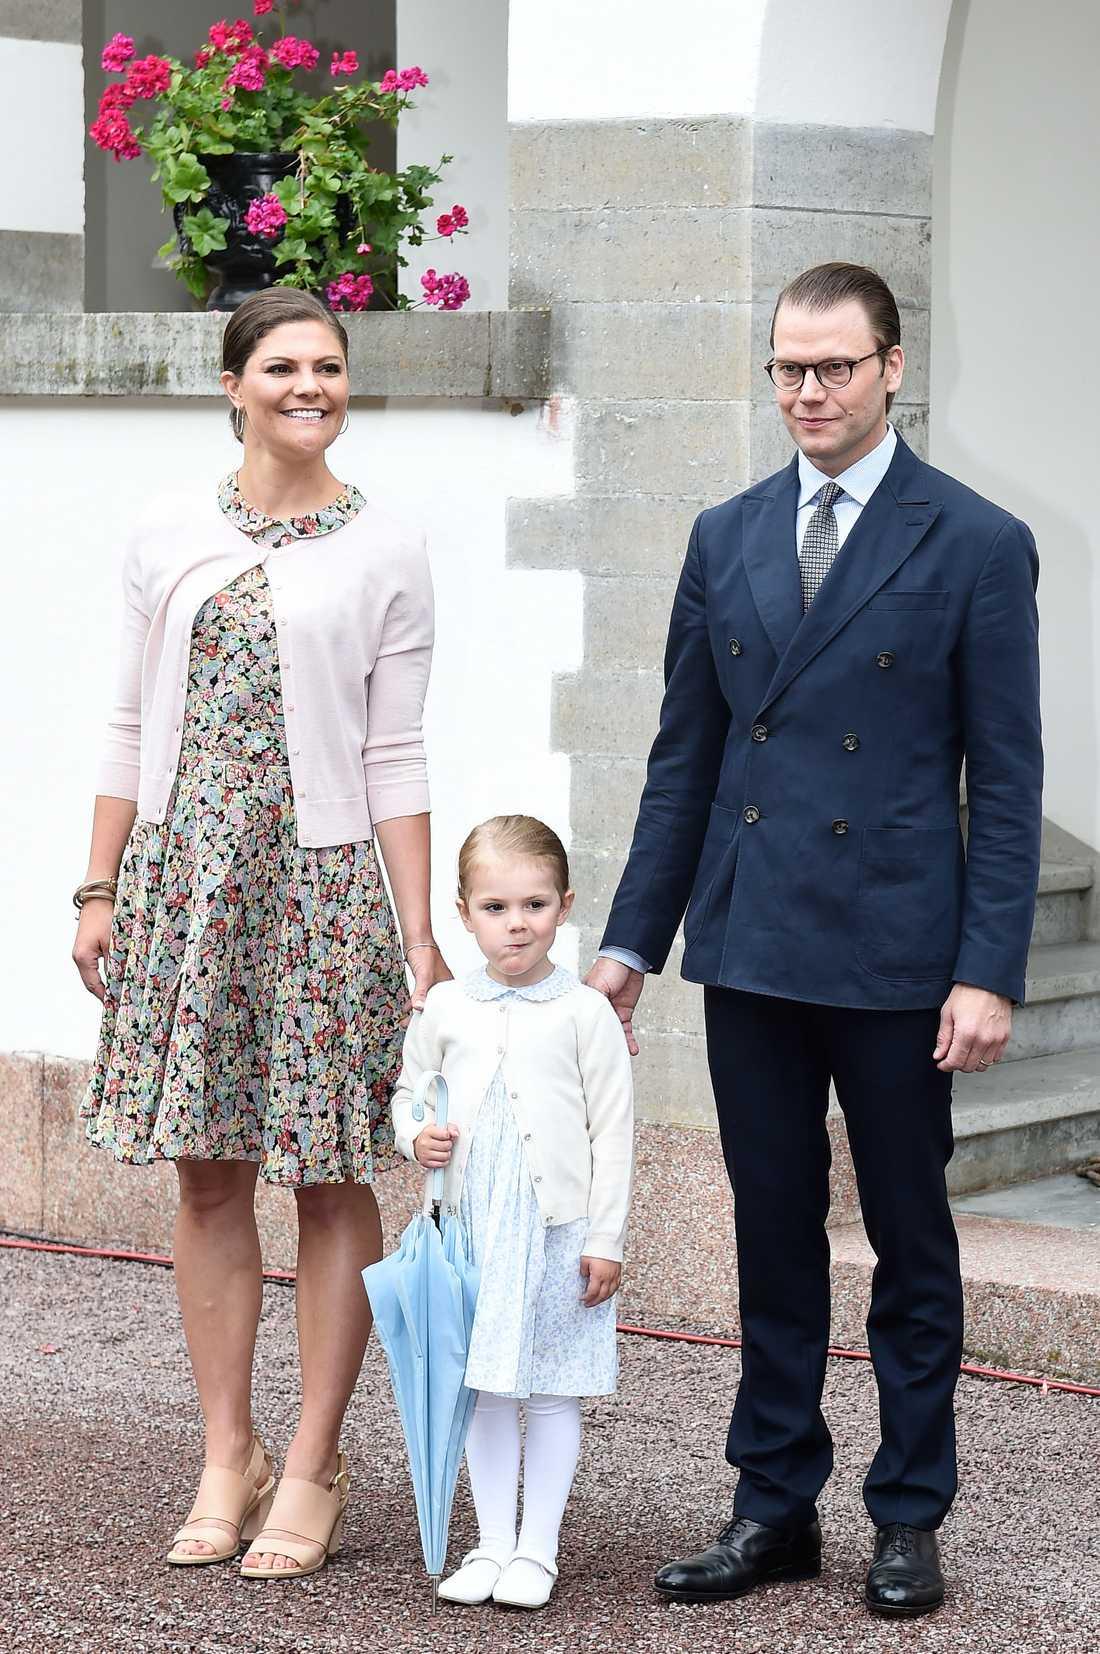 Kronprinsessan Victoria, prinsessan Estelle och prins Daniel under det offentliga firande av kronprinsessan Victorias 38-årsdag vid Sollidens slott på Öland 14 juli 2015.